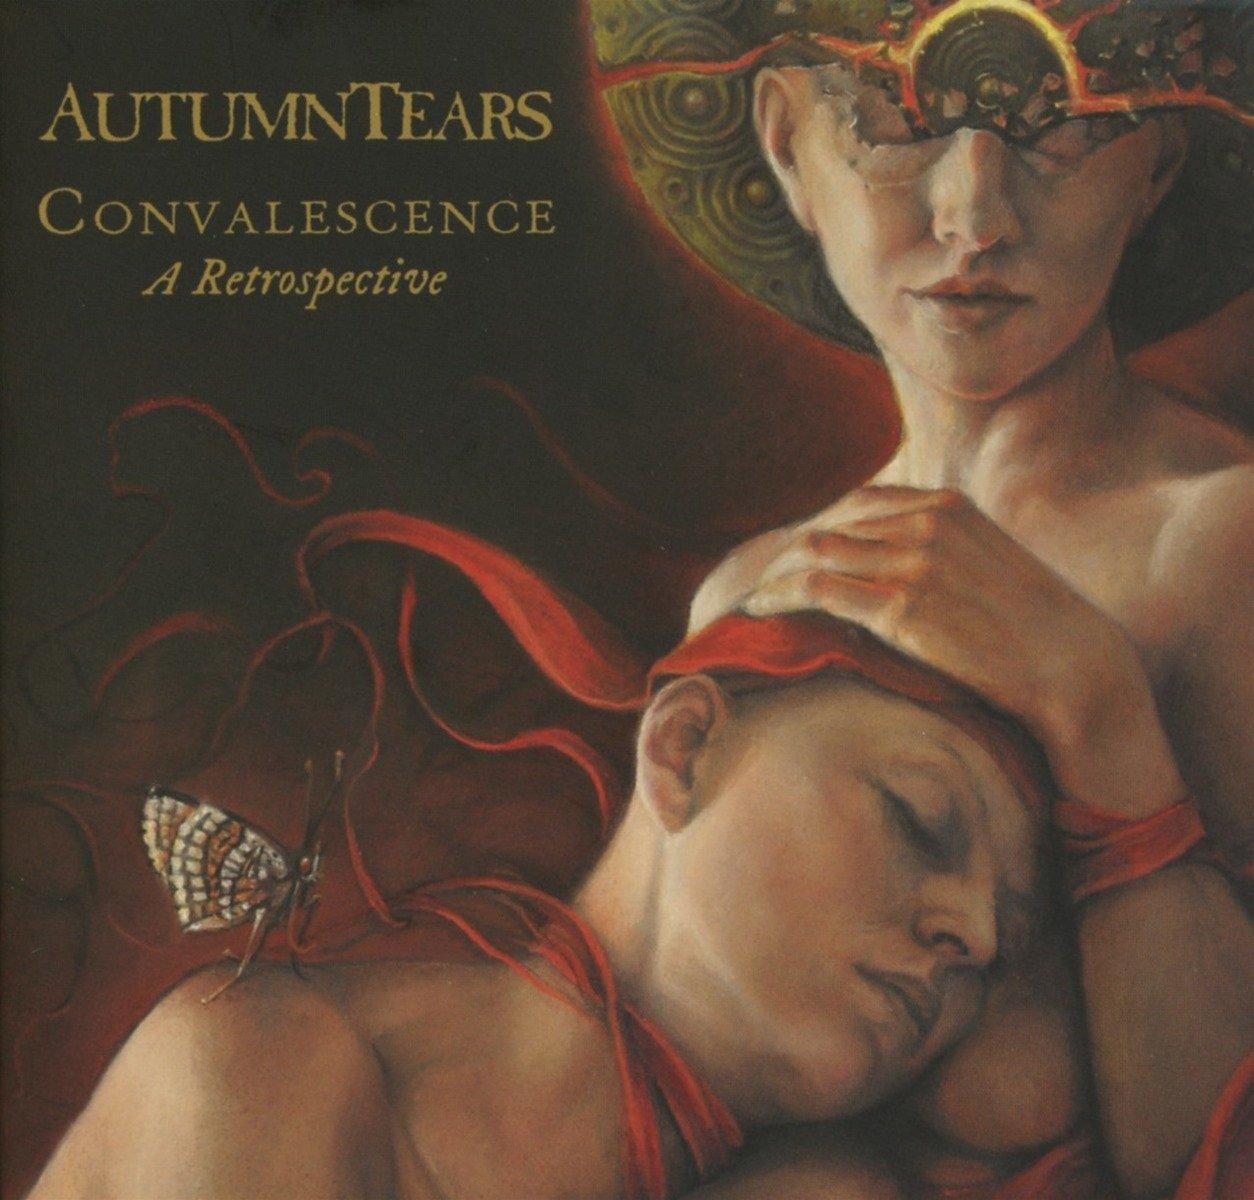 Autumn Tears - Convalescene